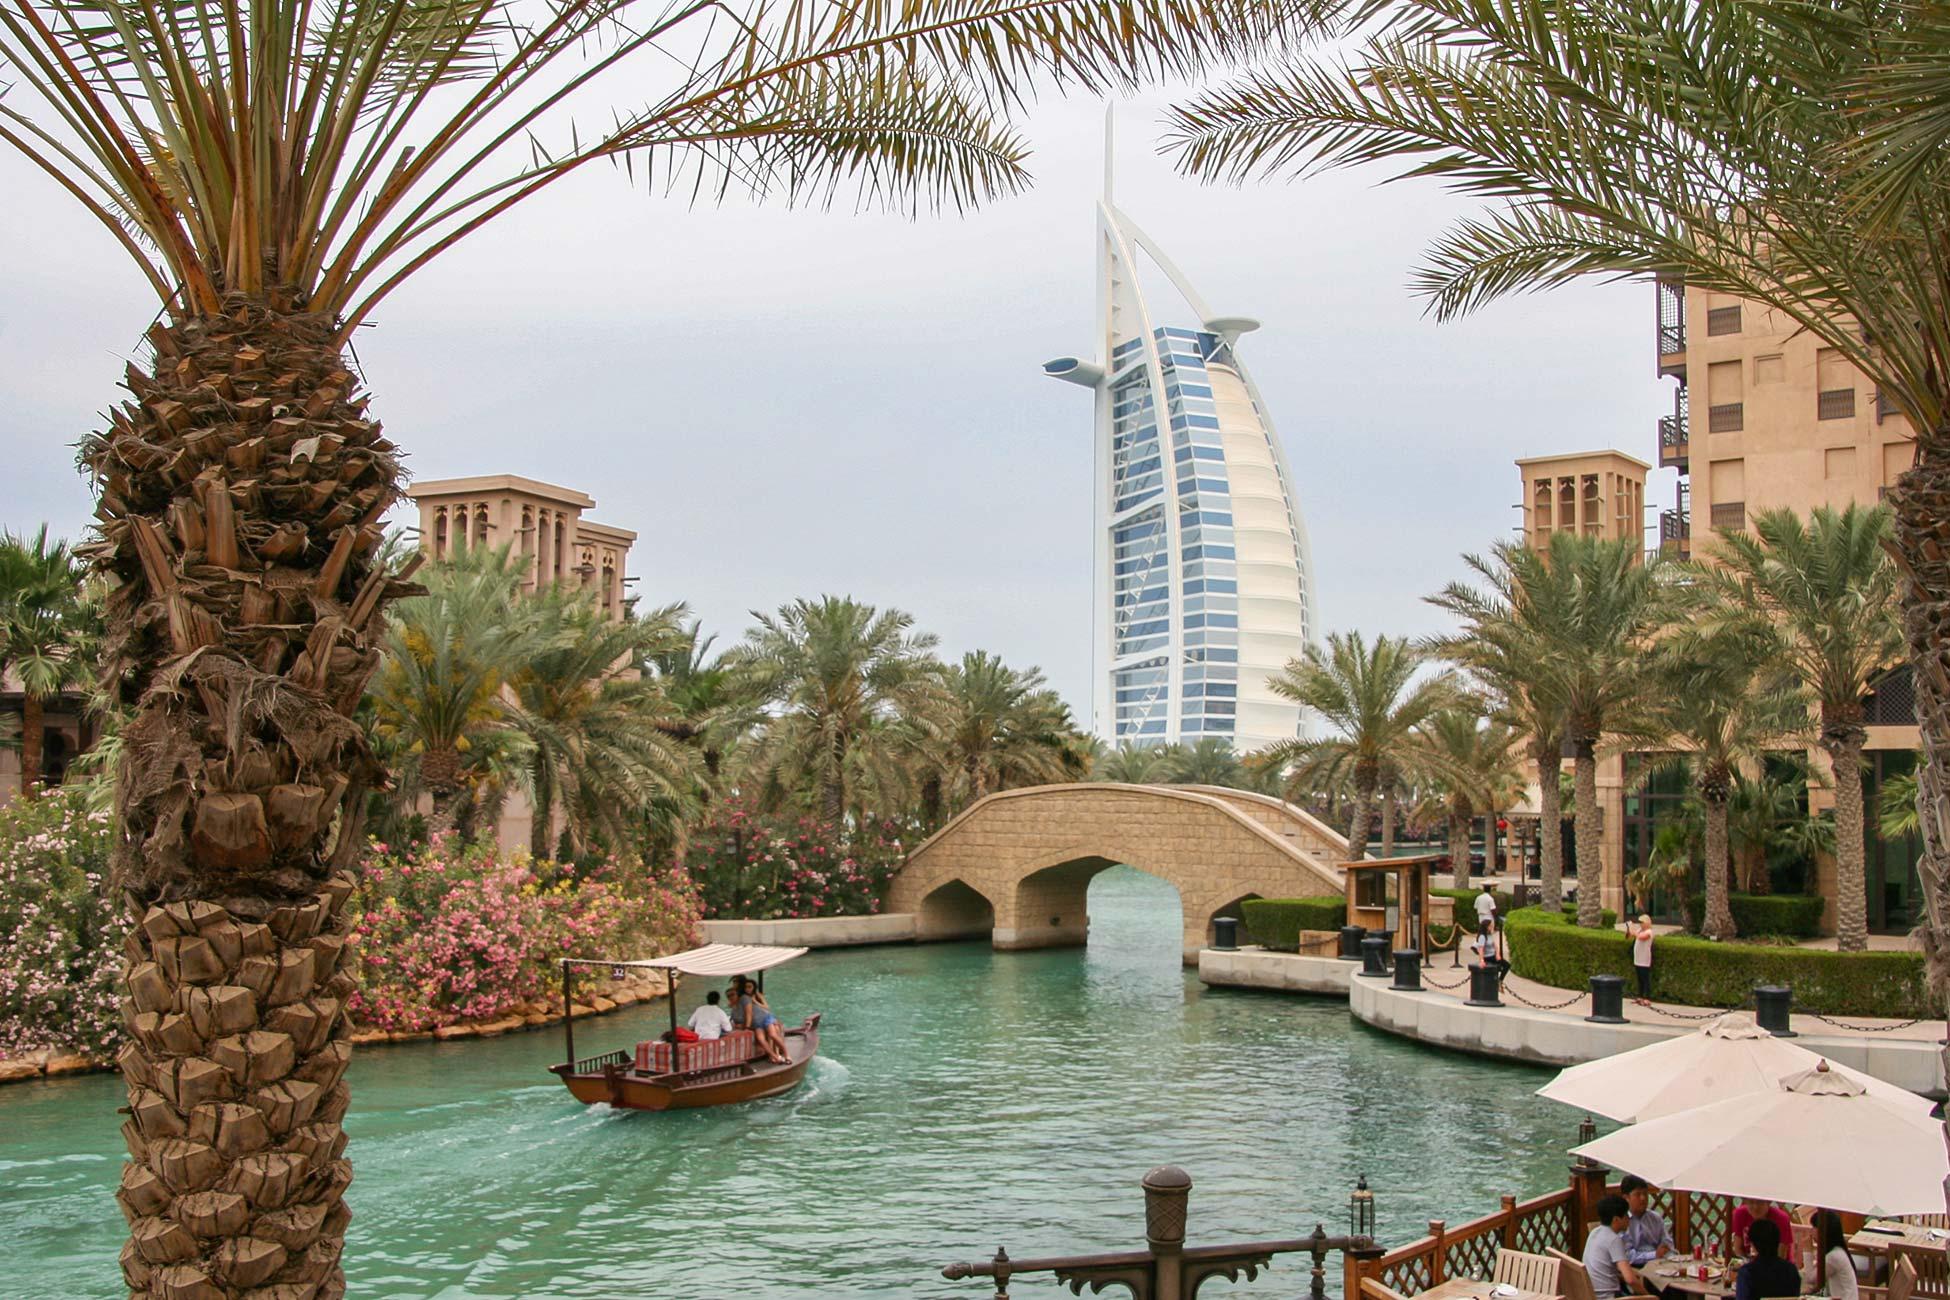 12 wichtige Dubai Sehenswürdigkeiten und Tipps